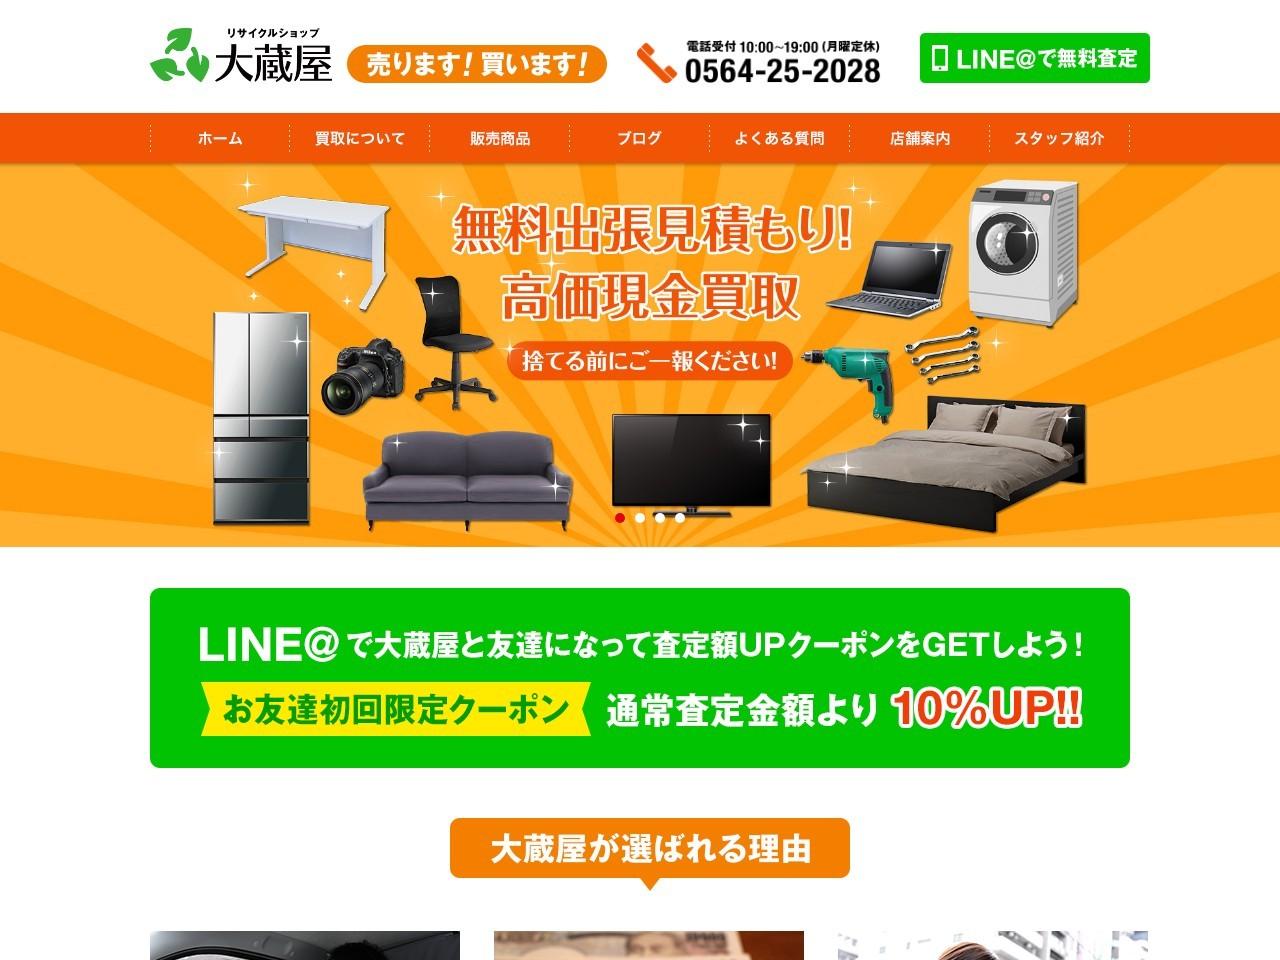 売りたい!買いたい!なら愛知県岡崎のリサイクルショップ大蔵屋へ!名古屋、豊田、岡崎、知立、安城への出張買取もやってます!